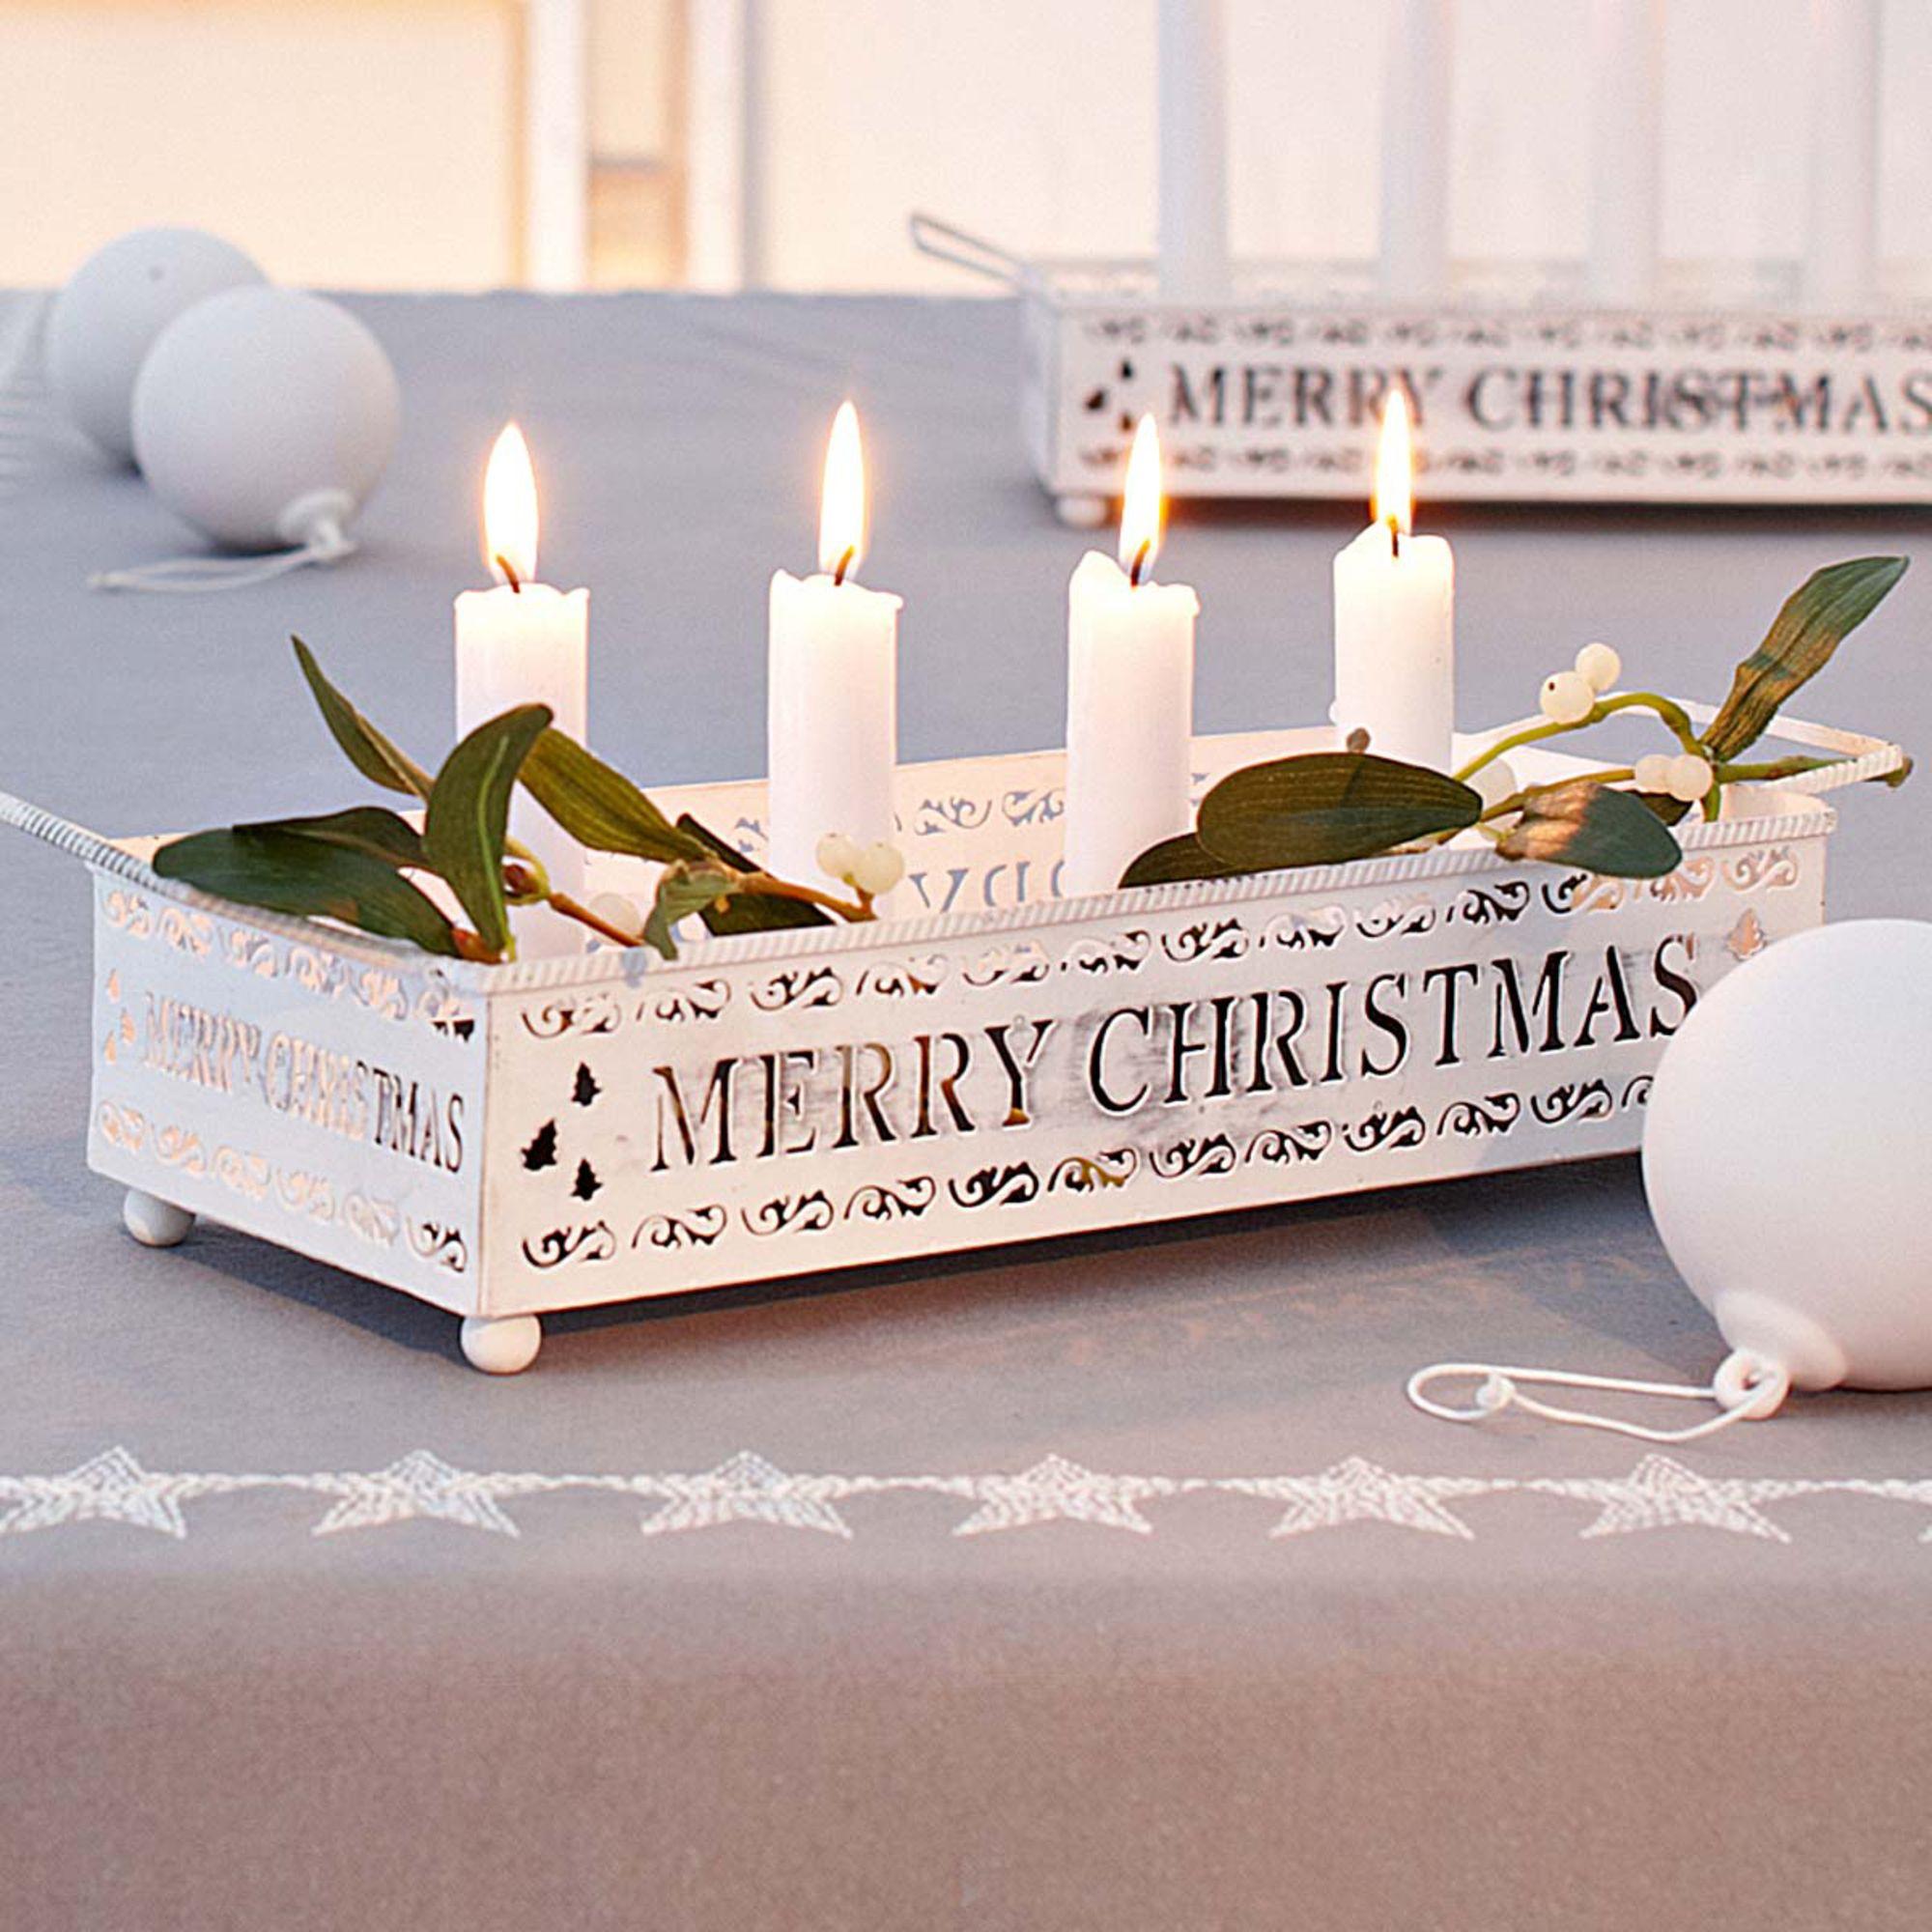 pin von martina leu graber auf obstkisten pinterest weihnachten kerzen und weihnachtszeit. Black Bedroom Furniture Sets. Home Design Ideas